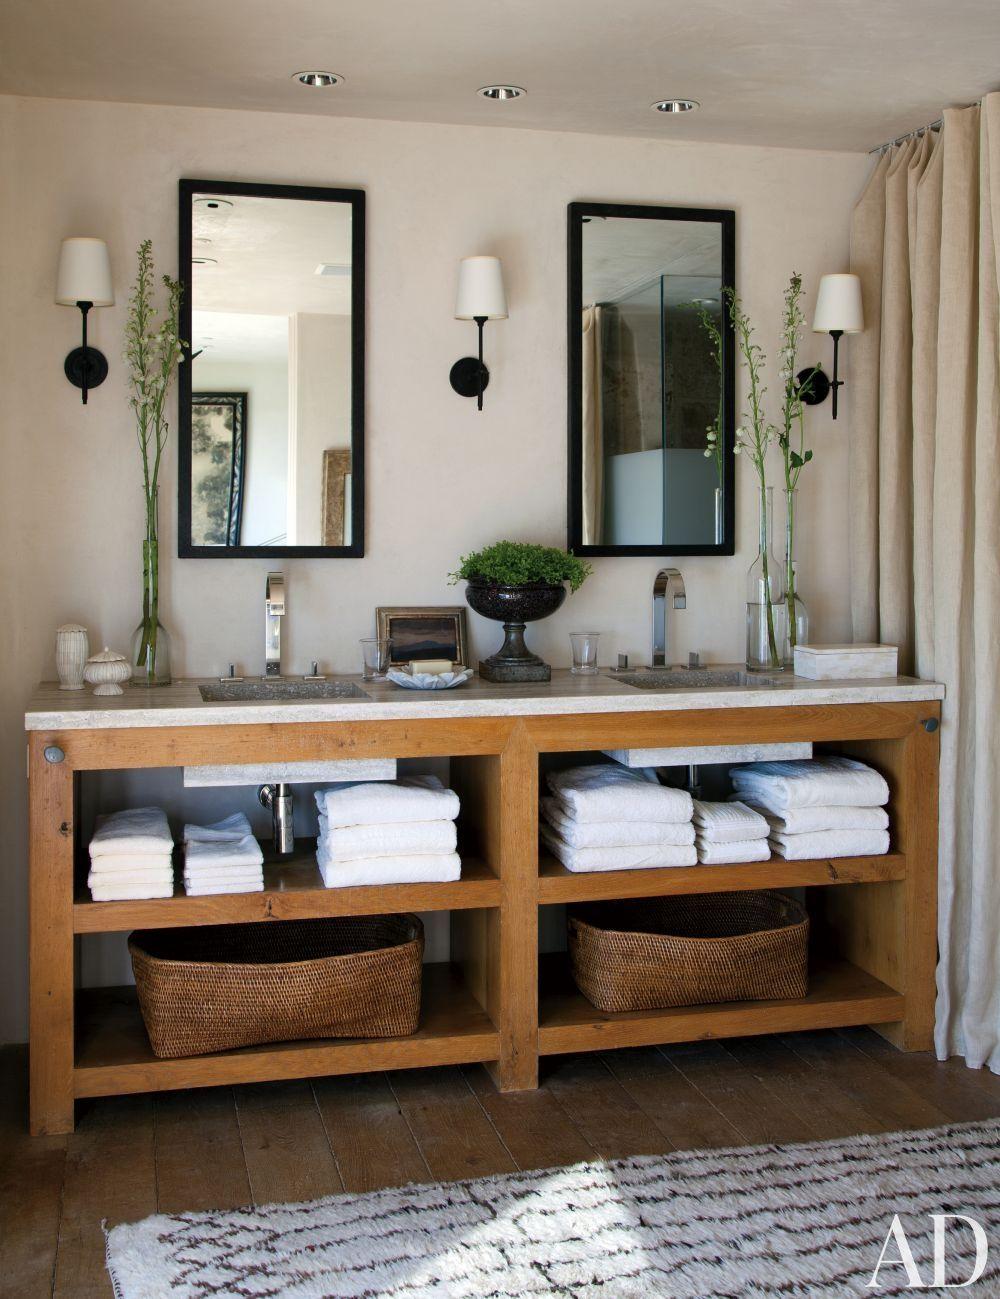 Unterschrank Regal Haus Deko Badezimmer Renovieren Bad Inspiration